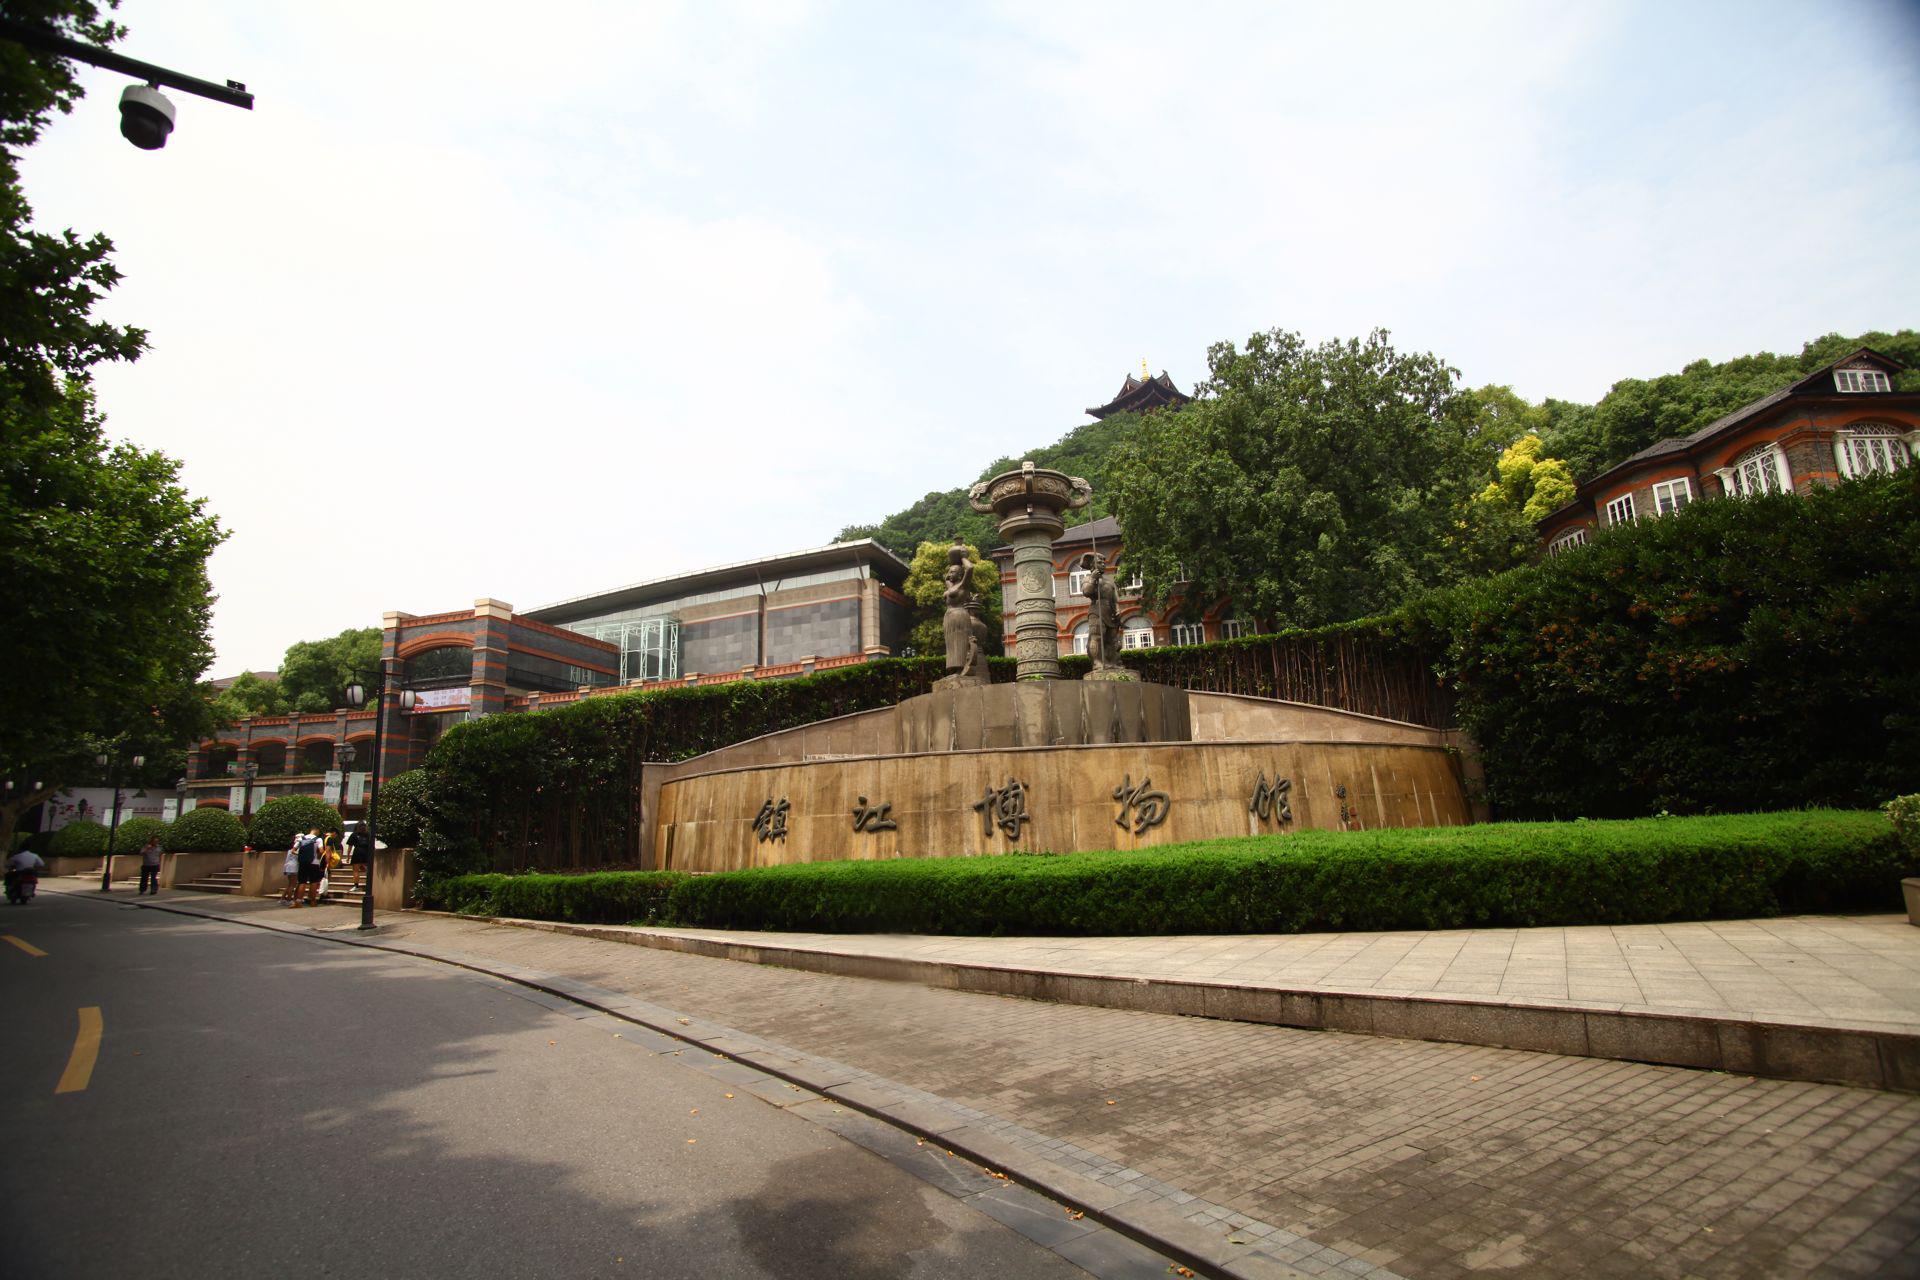 鎮江博物館工程2